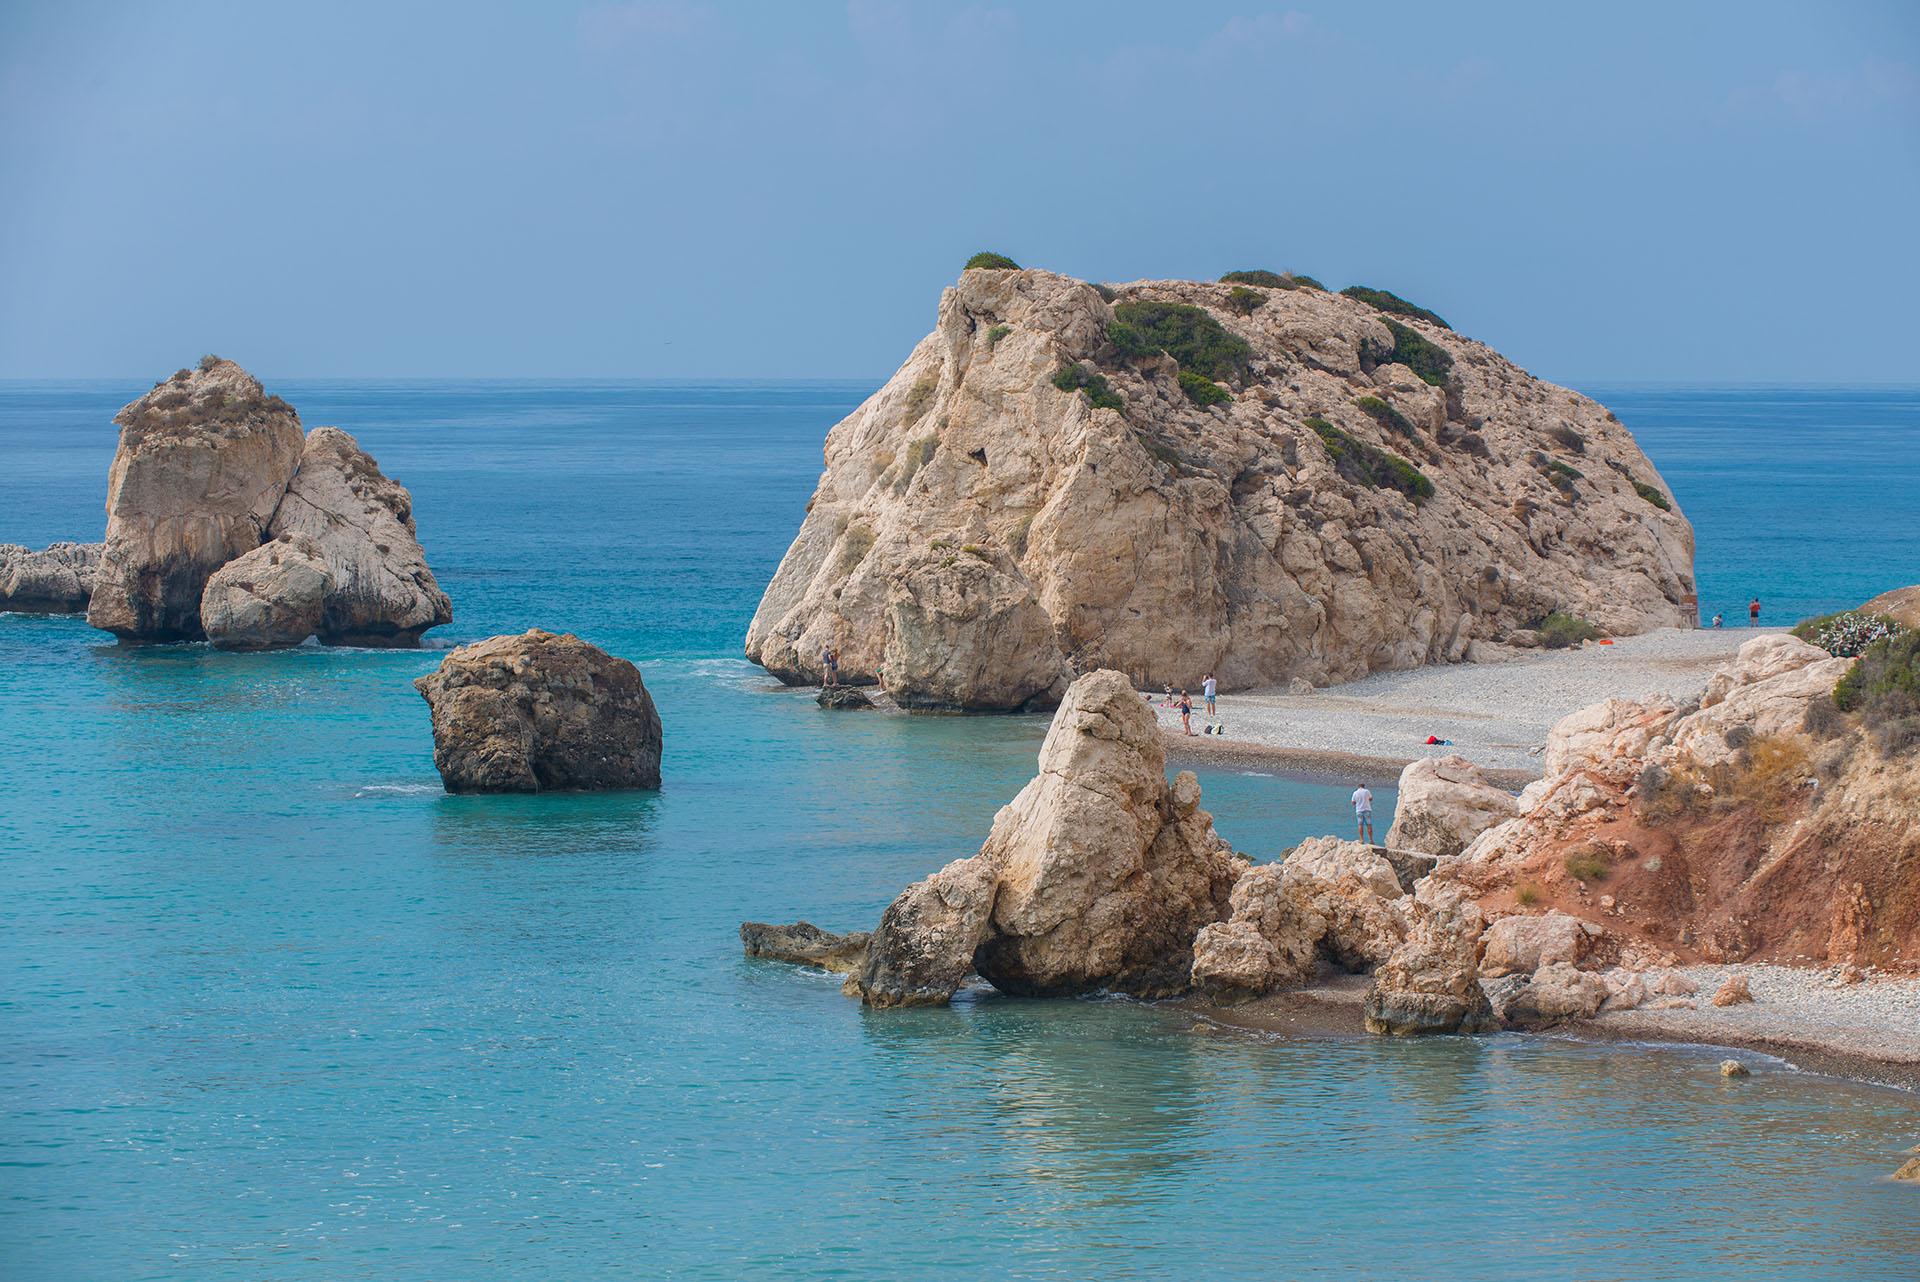 Кипр:  легендарный остров любви Кипр:  легендарный остров любви tild3464 3061 4766 a337 353433633839  pafos petra tou romi